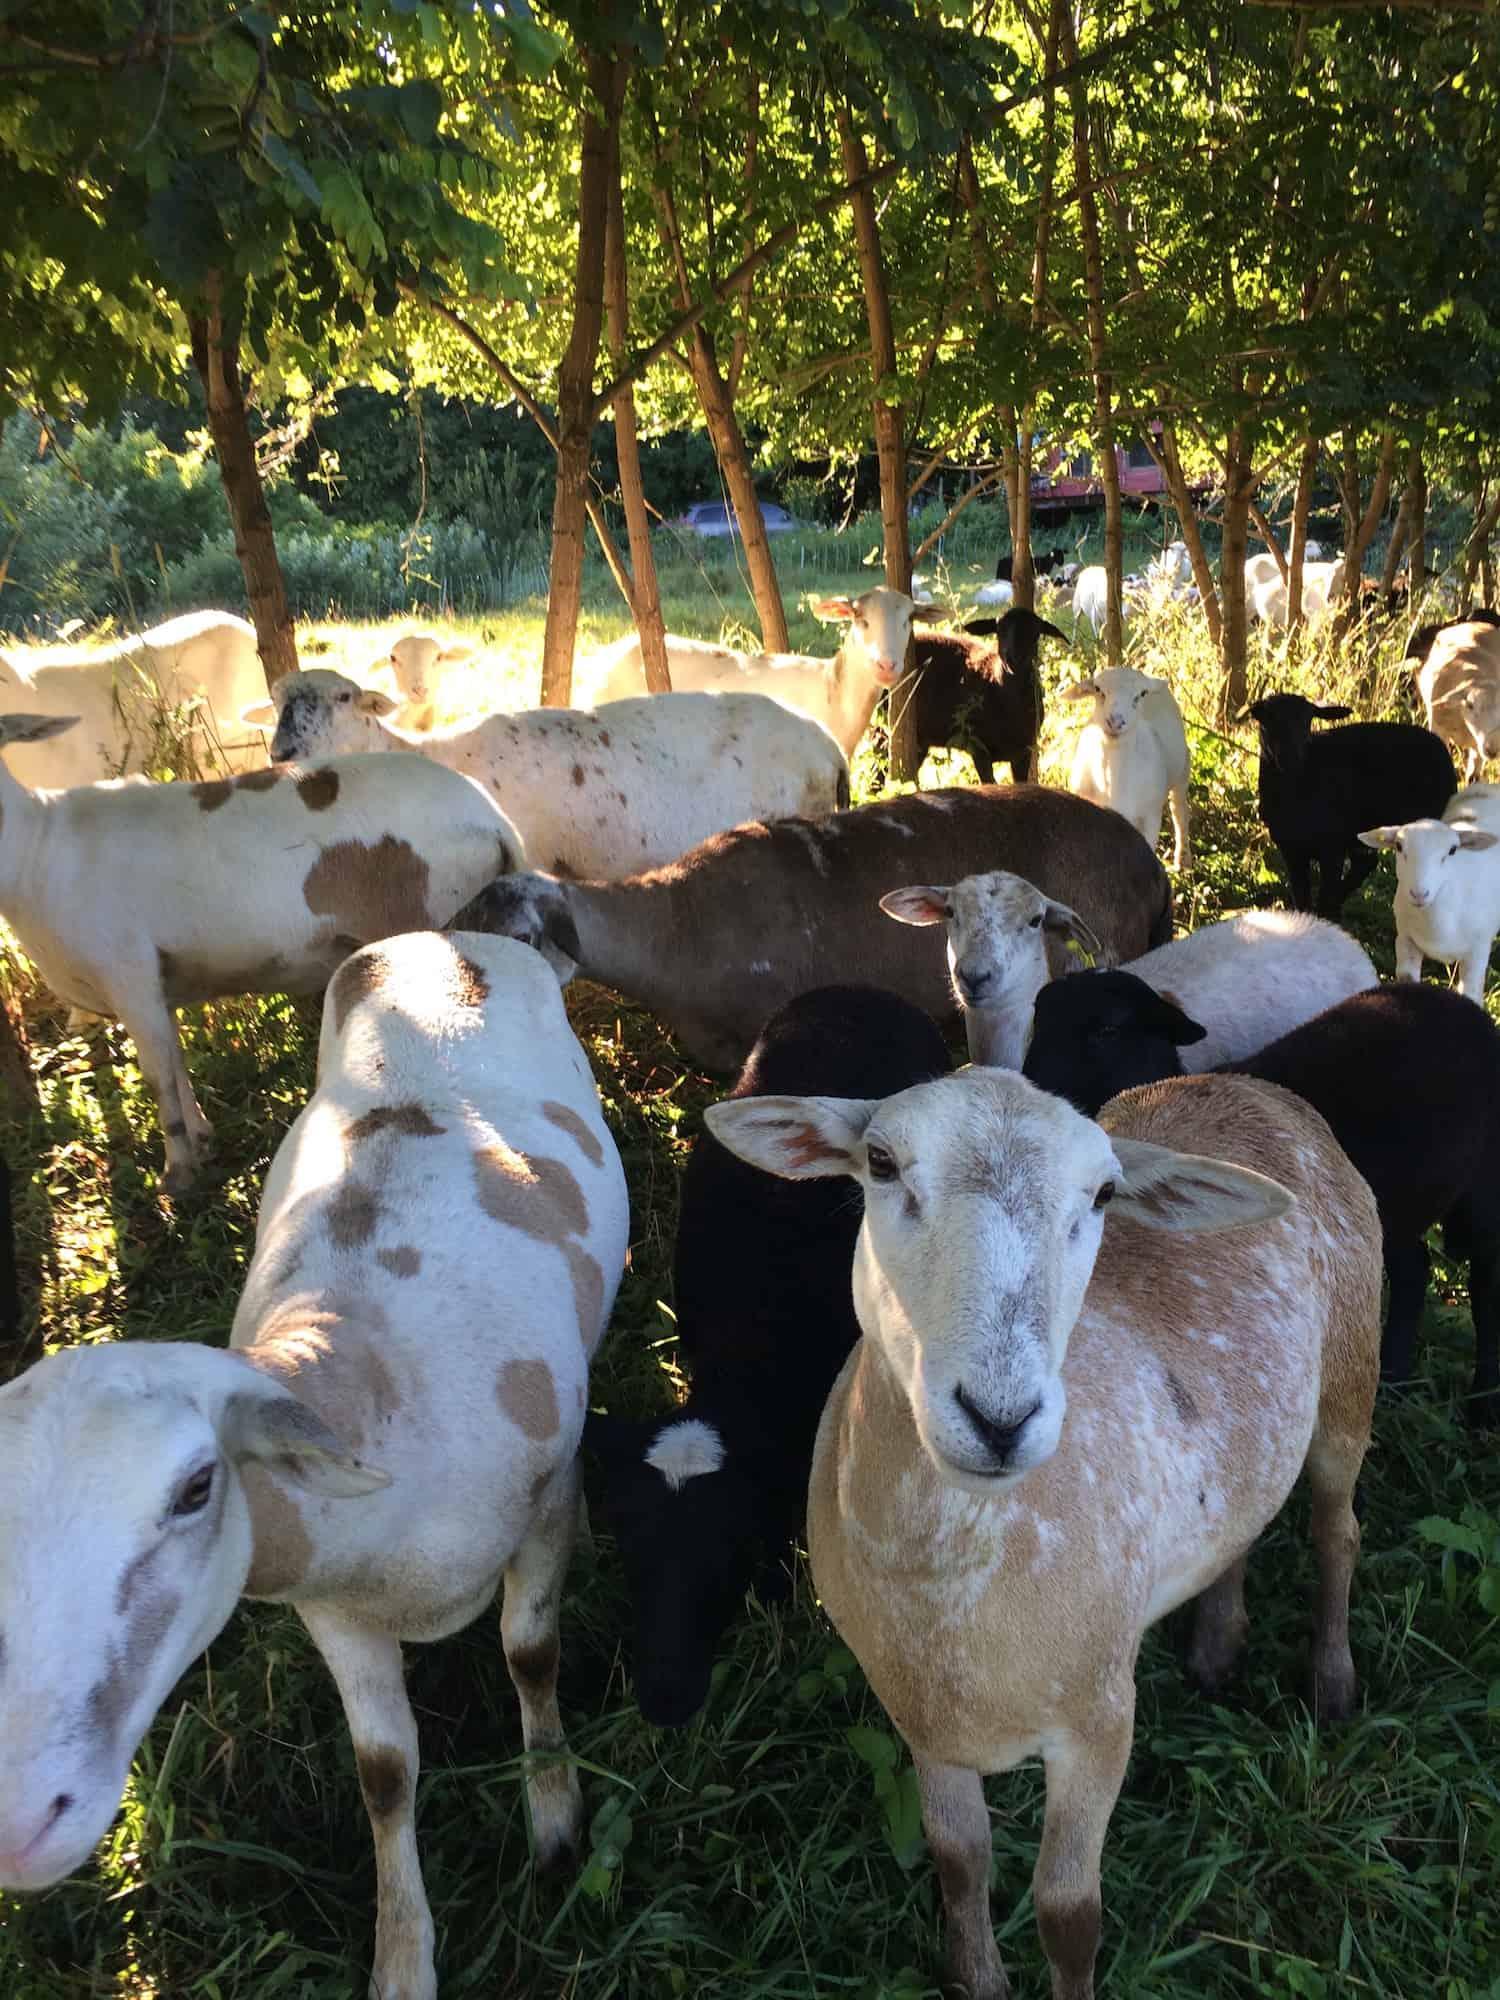 Sheep in locust